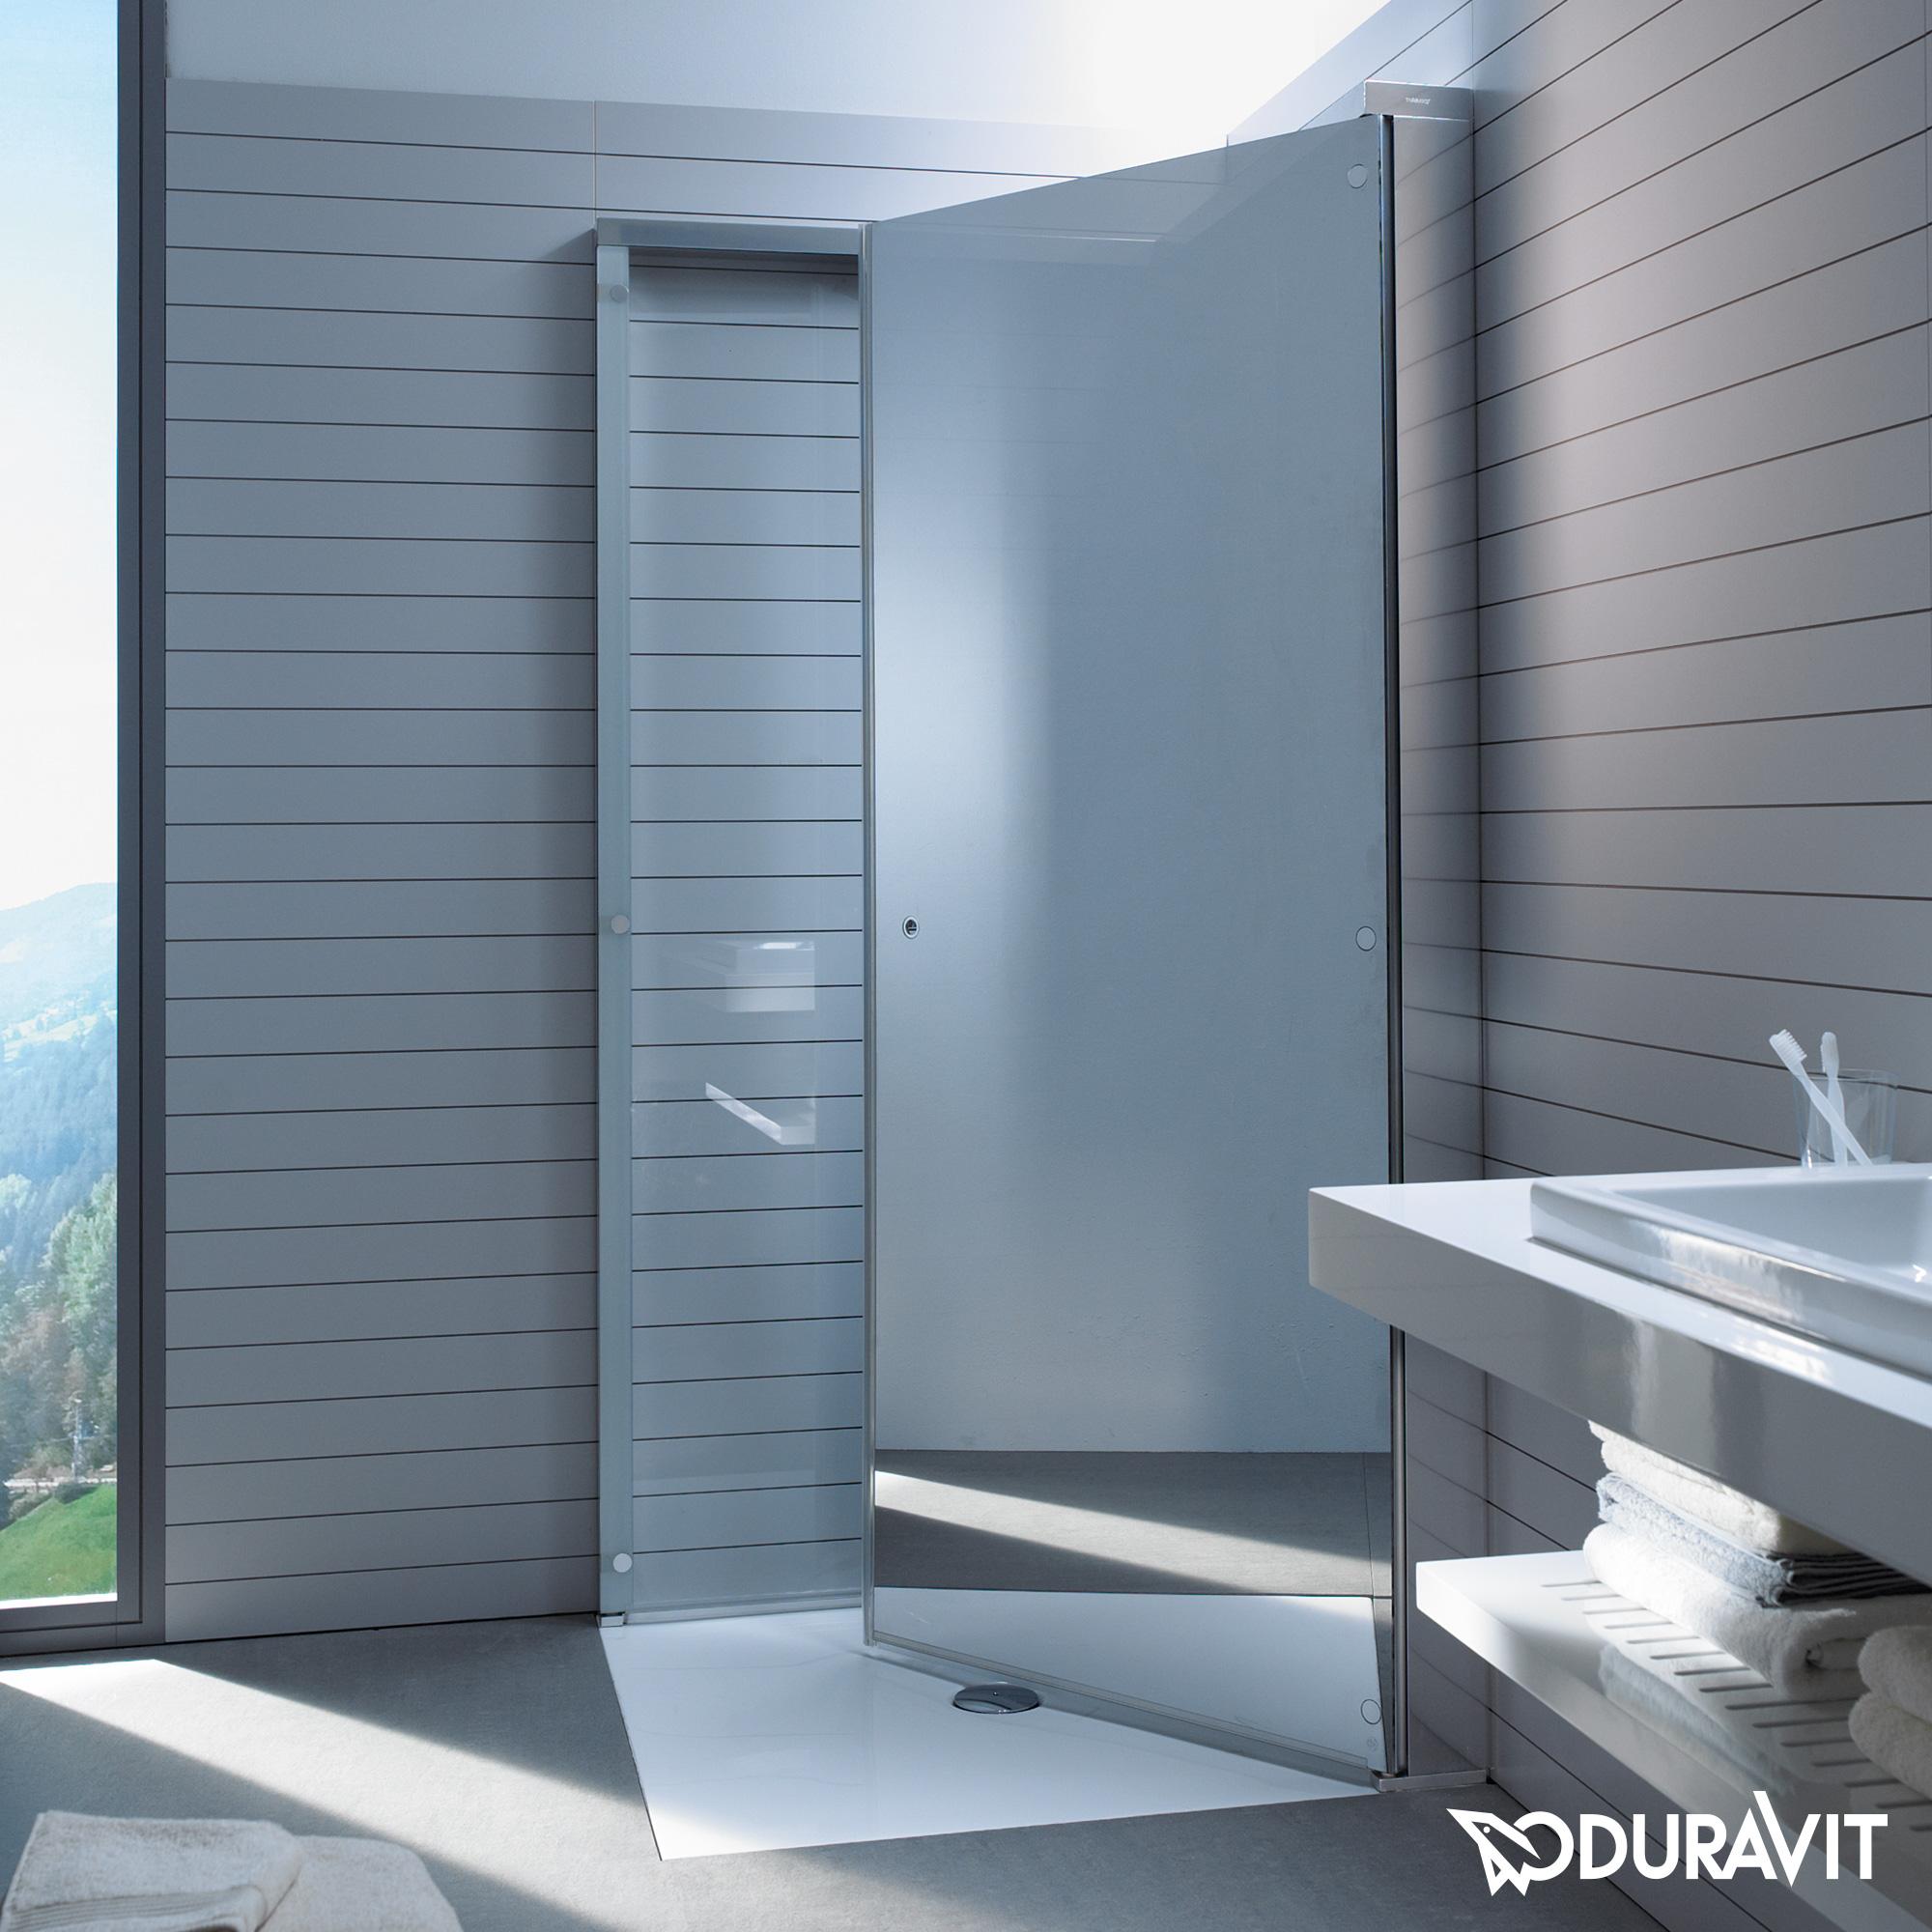 duravit openspace duschabtrennung klarglas und spiegelglas chrom. Black Bedroom Furniture Sets. Home Design Ideas